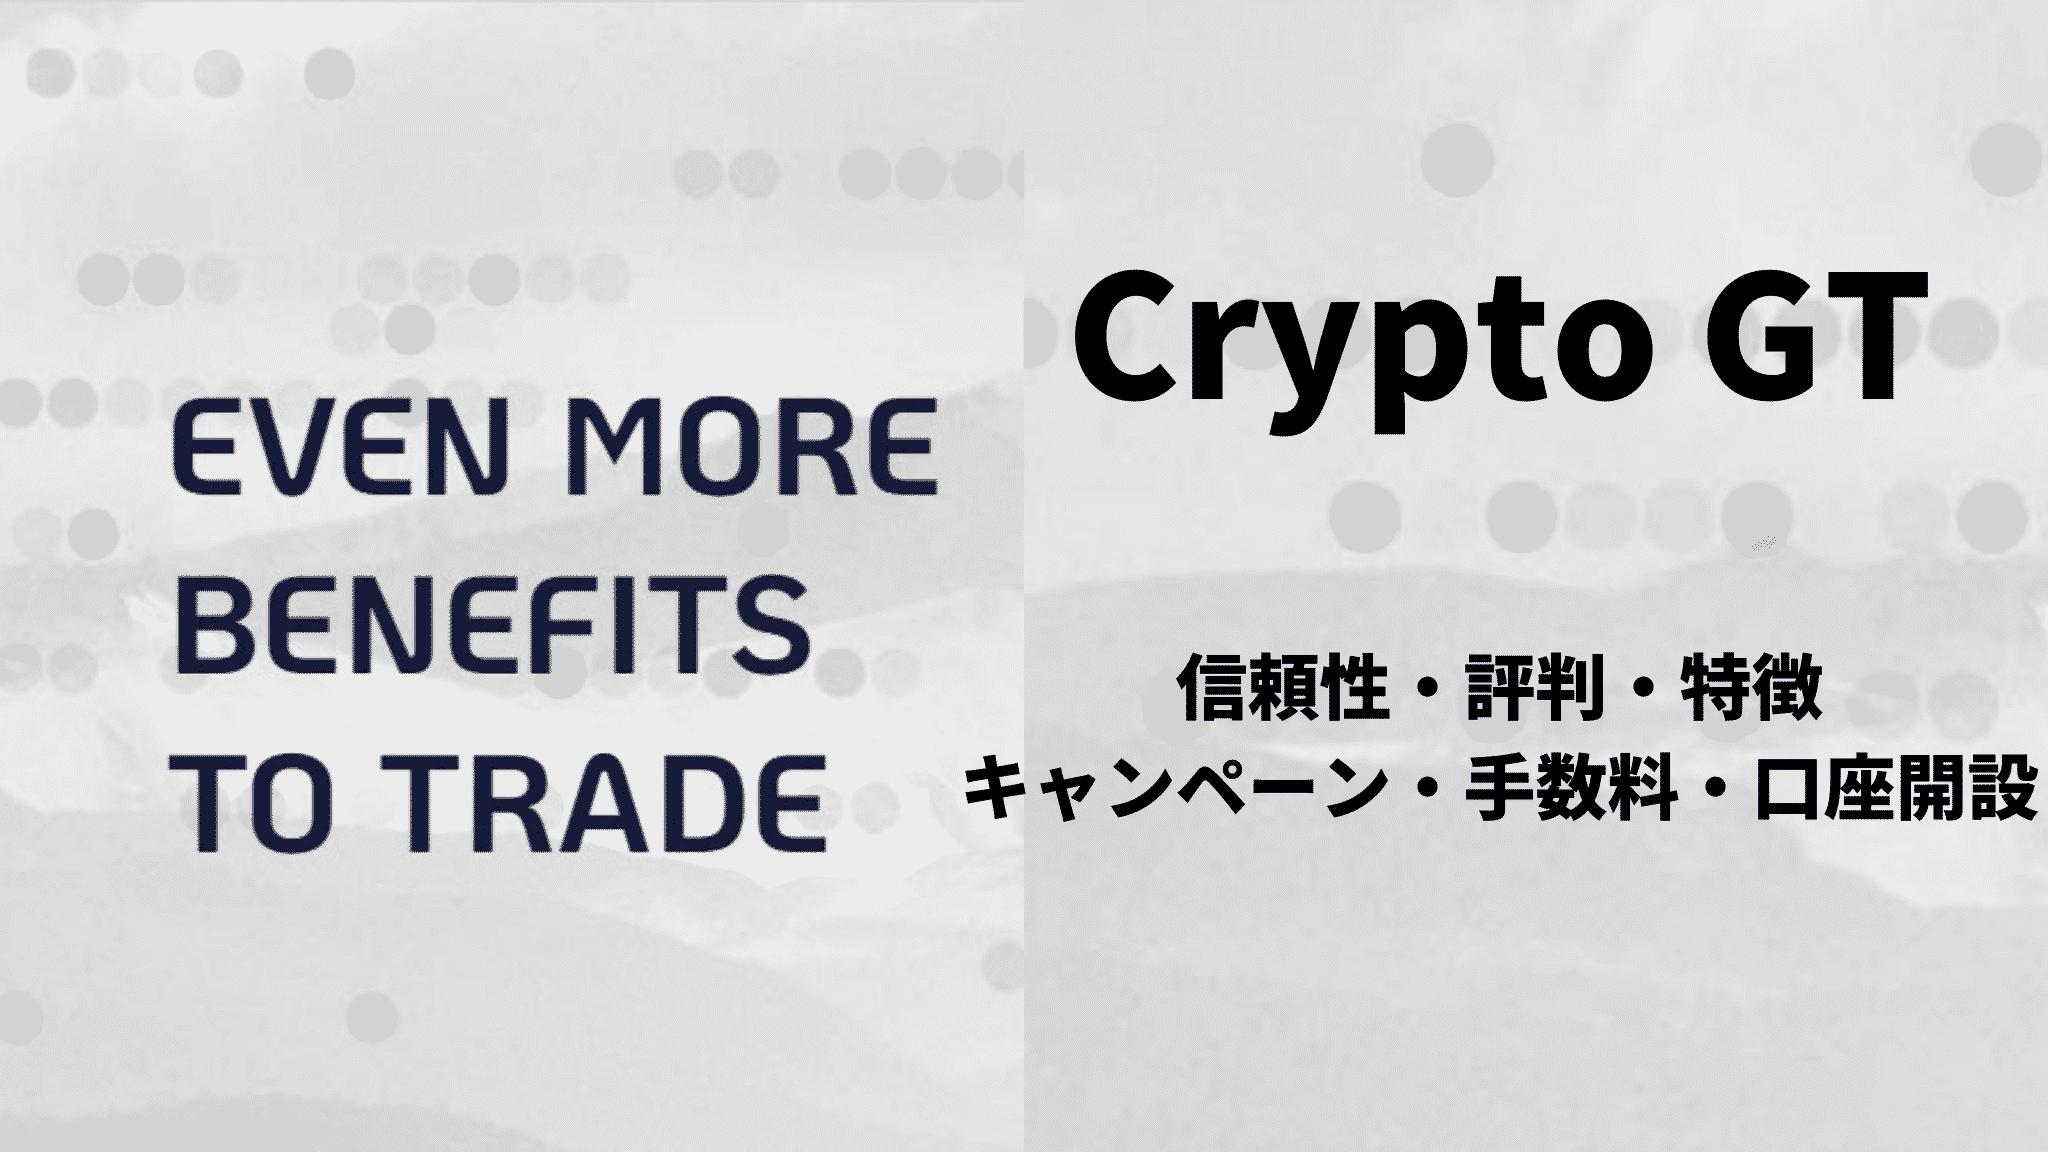 【アイキャッチ】Crypto GT